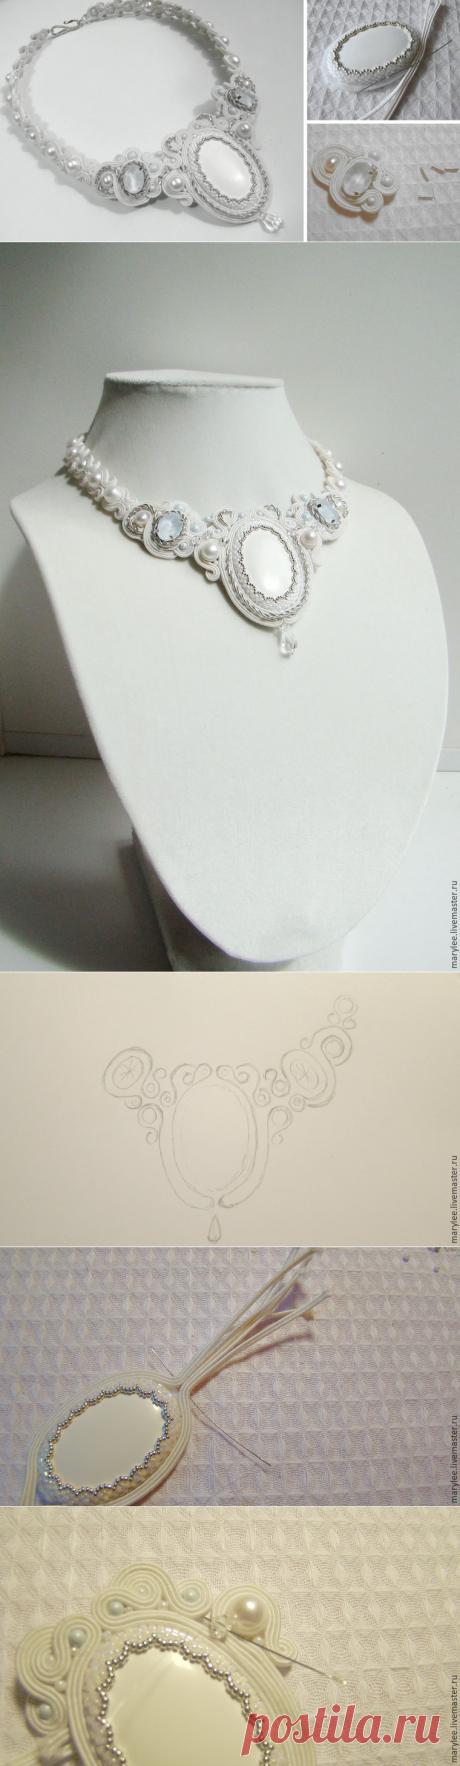 Делаем нежное сутажное колье «Полёт над облаками» - Ярмарка Мастеров - ручная работа, handmade